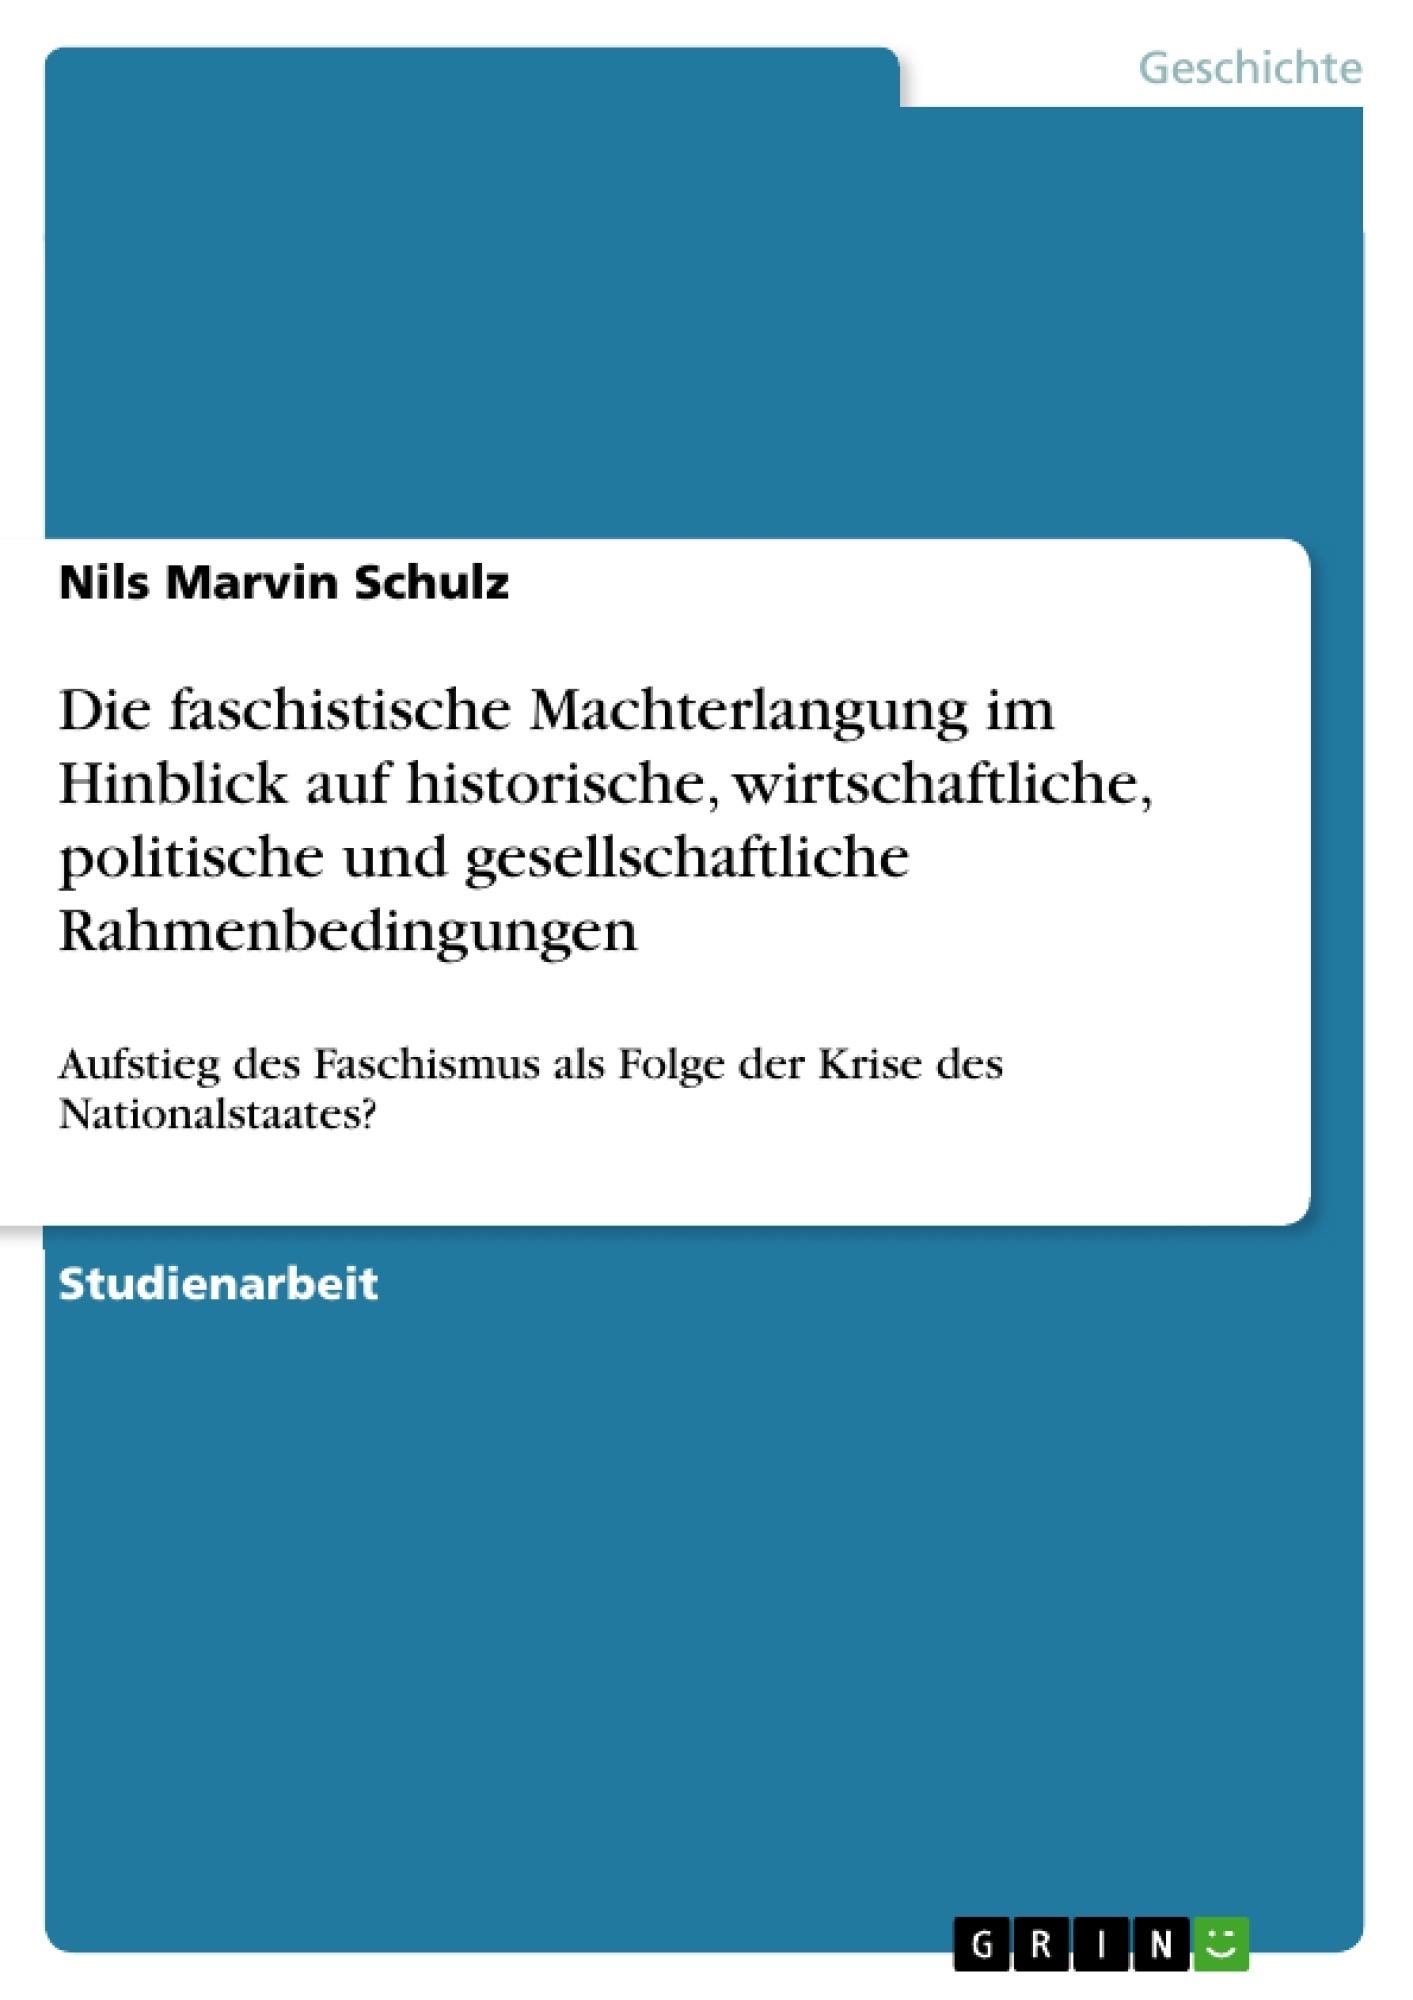 Titel: Die faschistische Machterlangung im Hinblick auf historische, wirtschaftliche, politische und gesellschaftliche Rahmenbedingungen